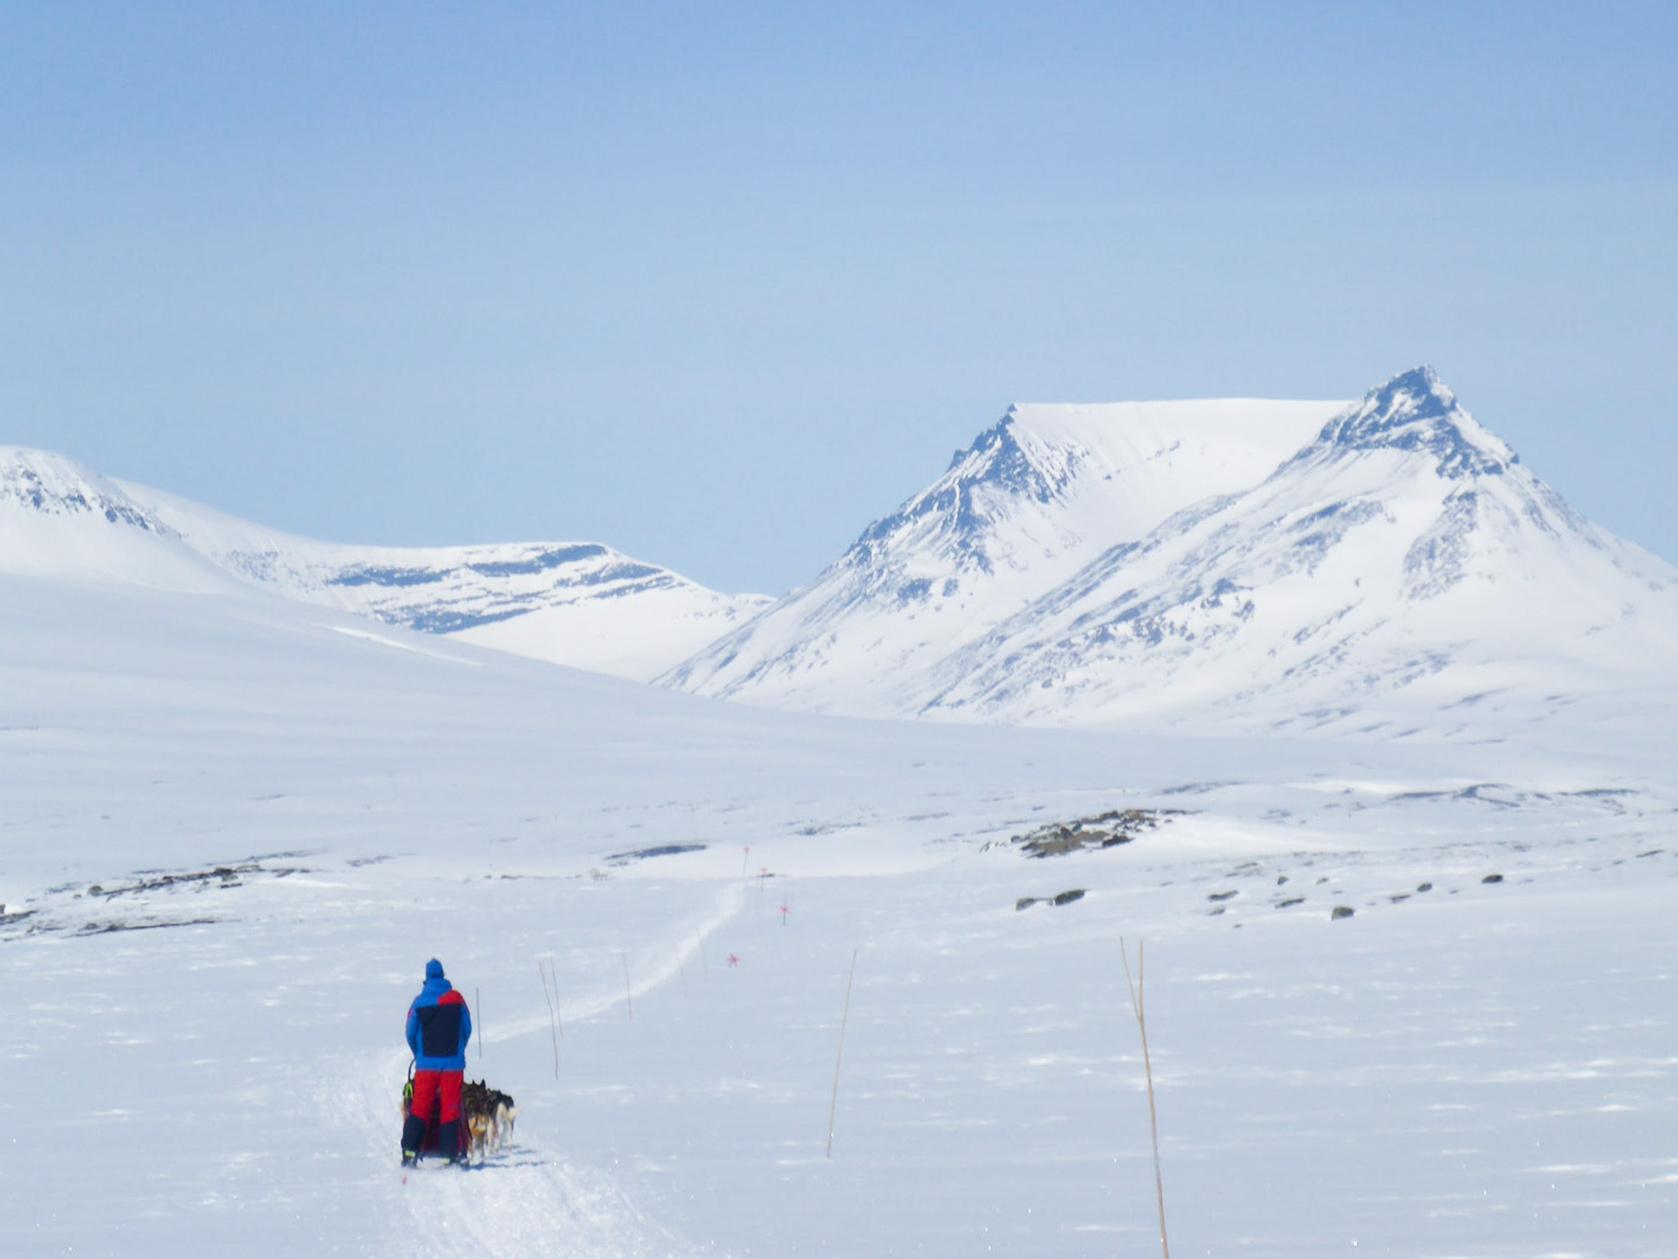 wintertour_mountaintour_expedition_1